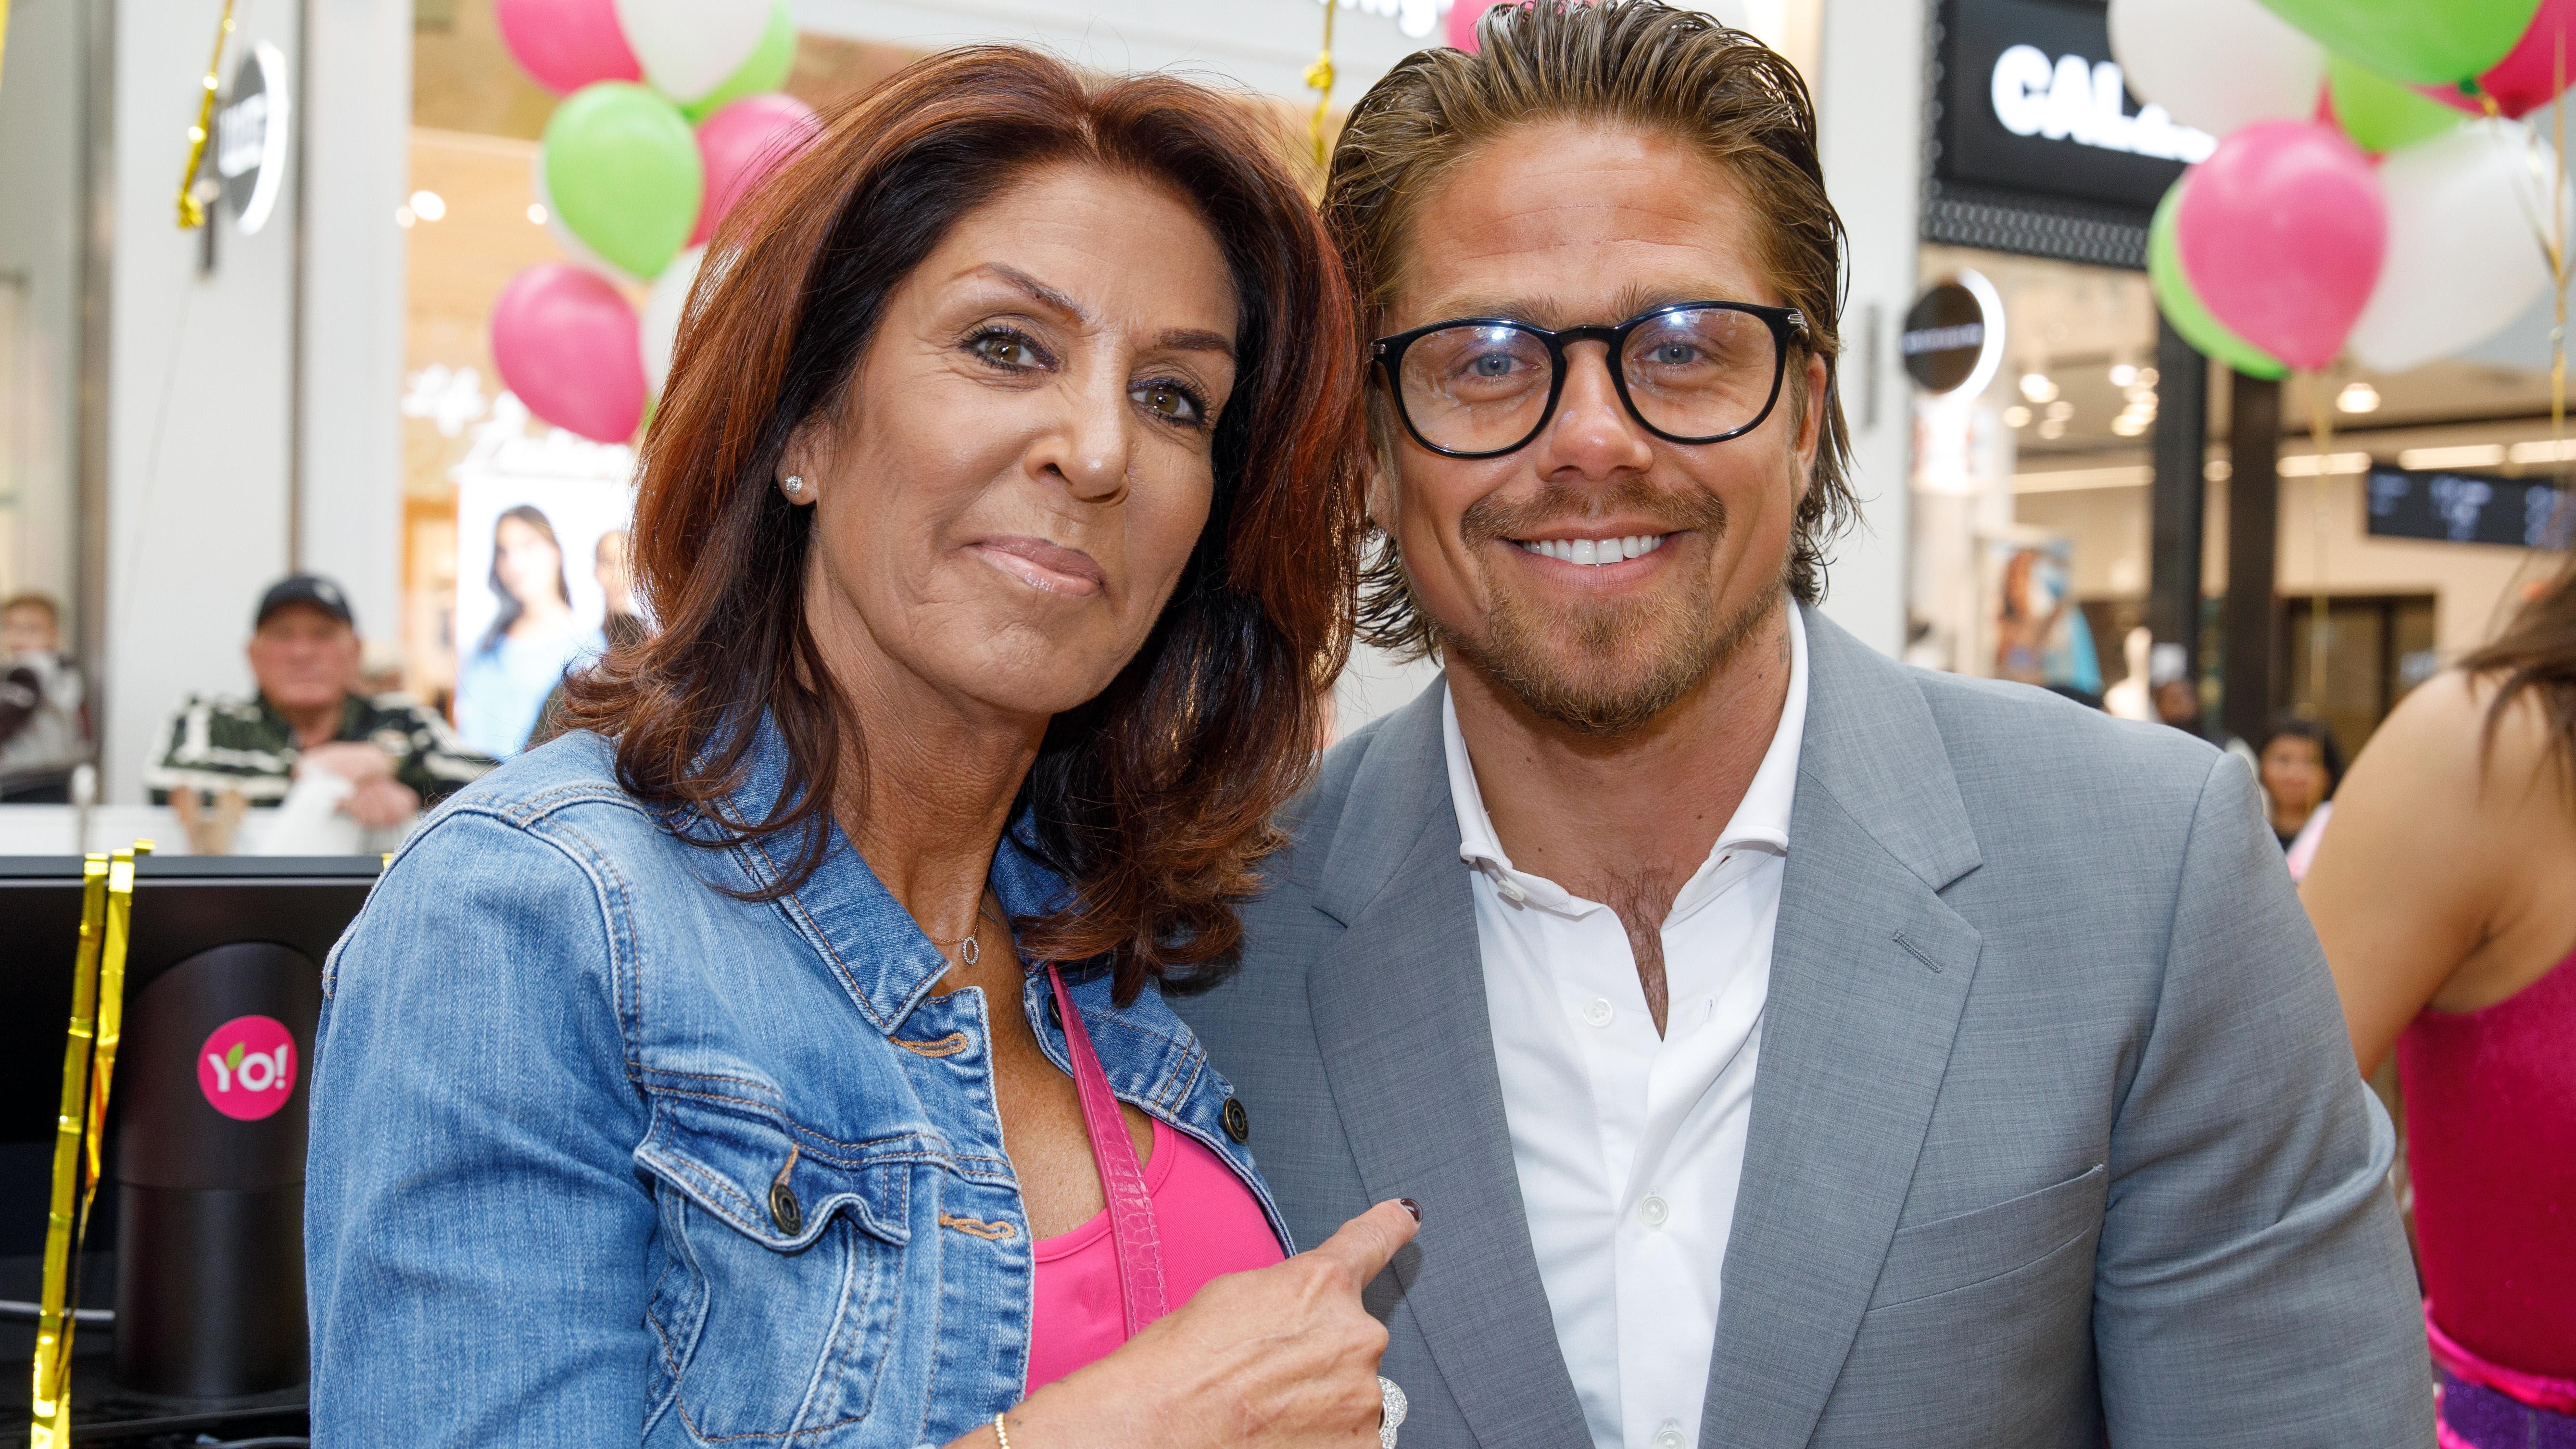 Rachel Hazes reageert op zorgwekkende situatie André   Entertainment   Telegraaf.nl